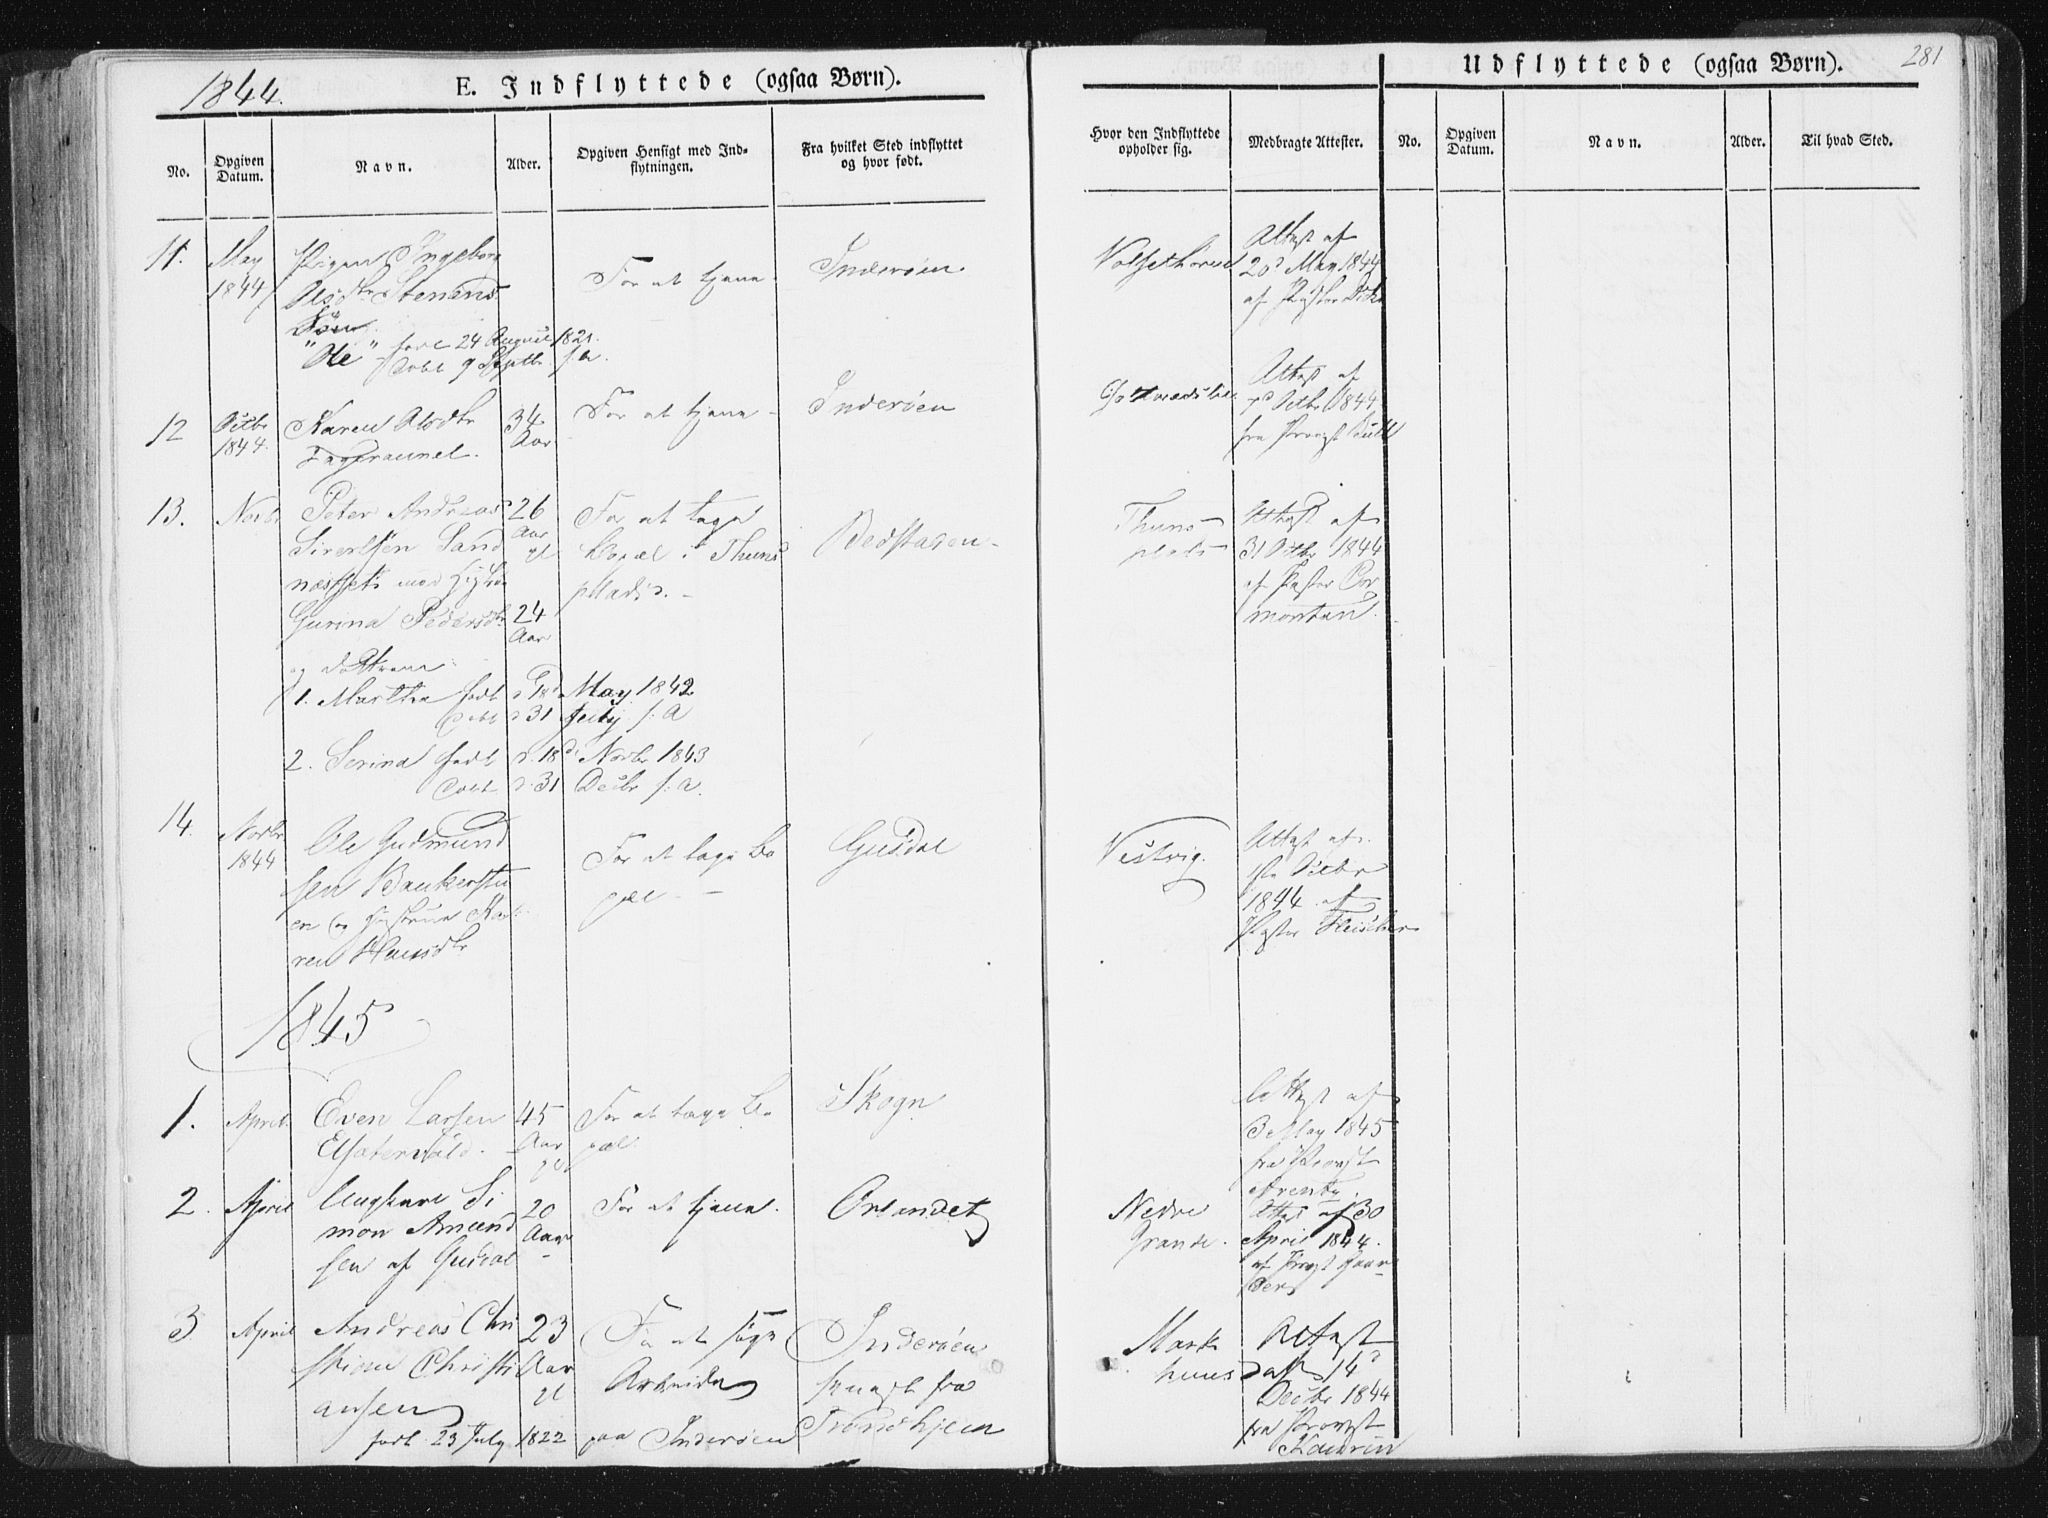 SAT, Ministerialprotokoller, klokkerbøker og fødselsregistre - Nord-Trøndelag, 744/L0418: Ministerialbok nr. 744A02, 1843-1866, s. 281